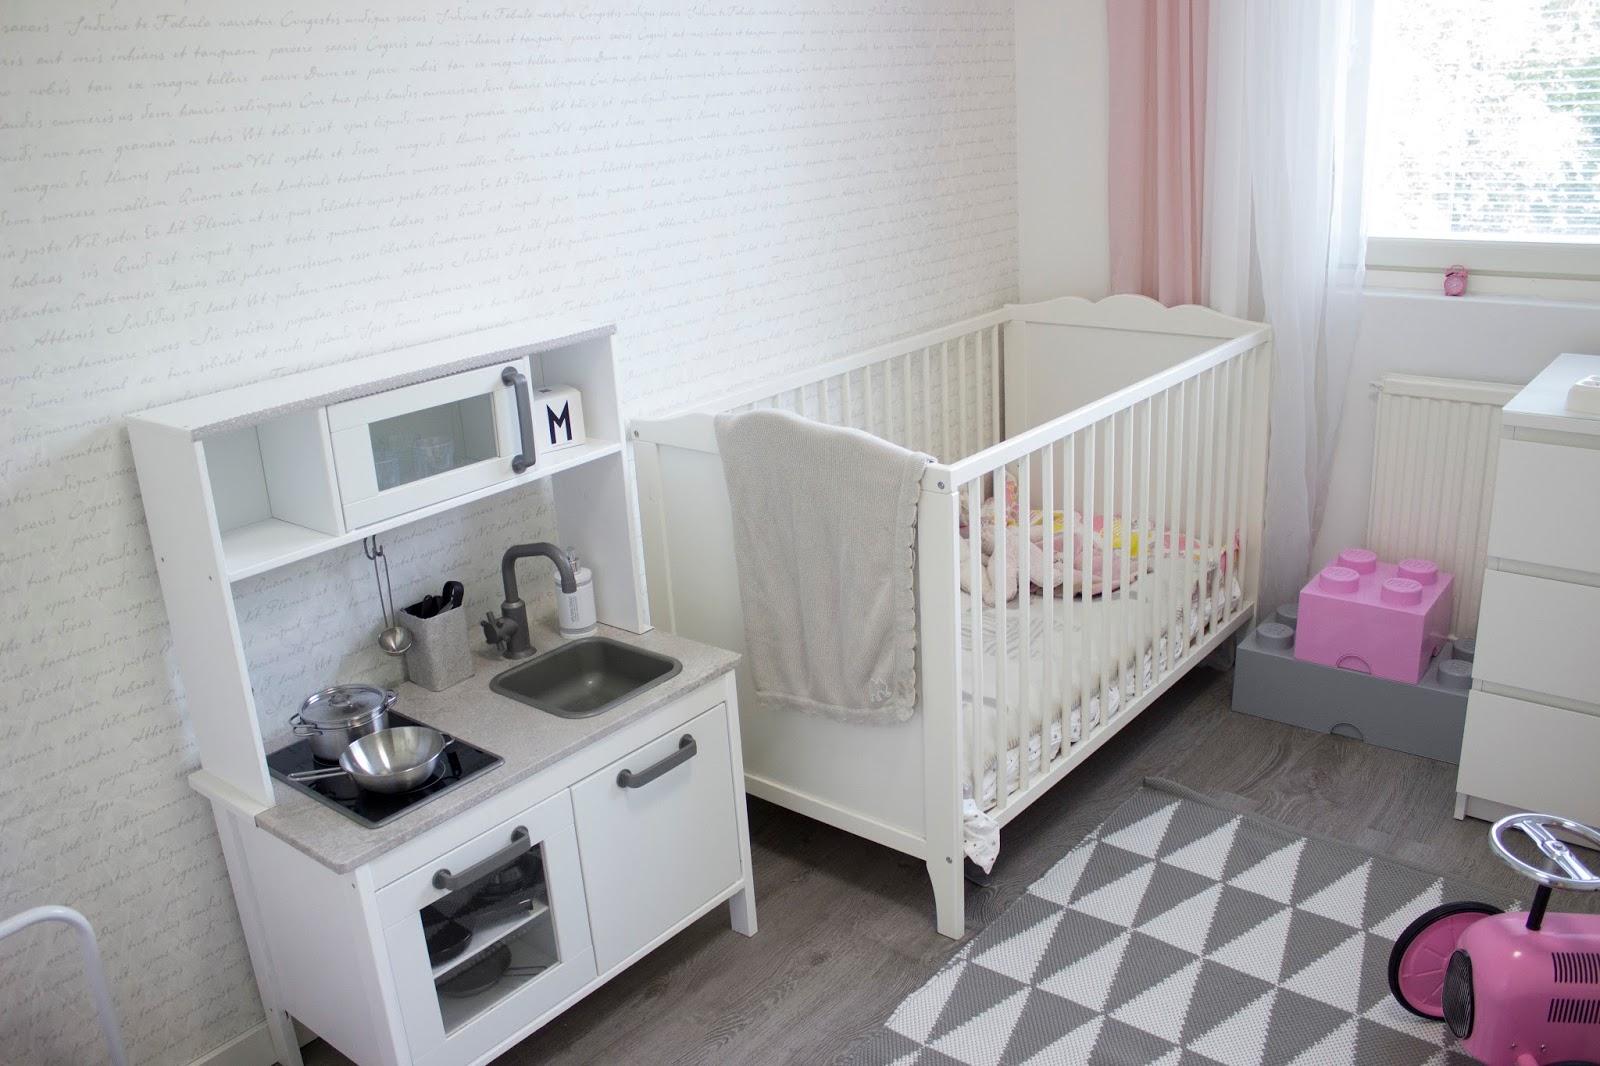 Netan Koti DIY IKEAN DUKTIG KEITTIÖ